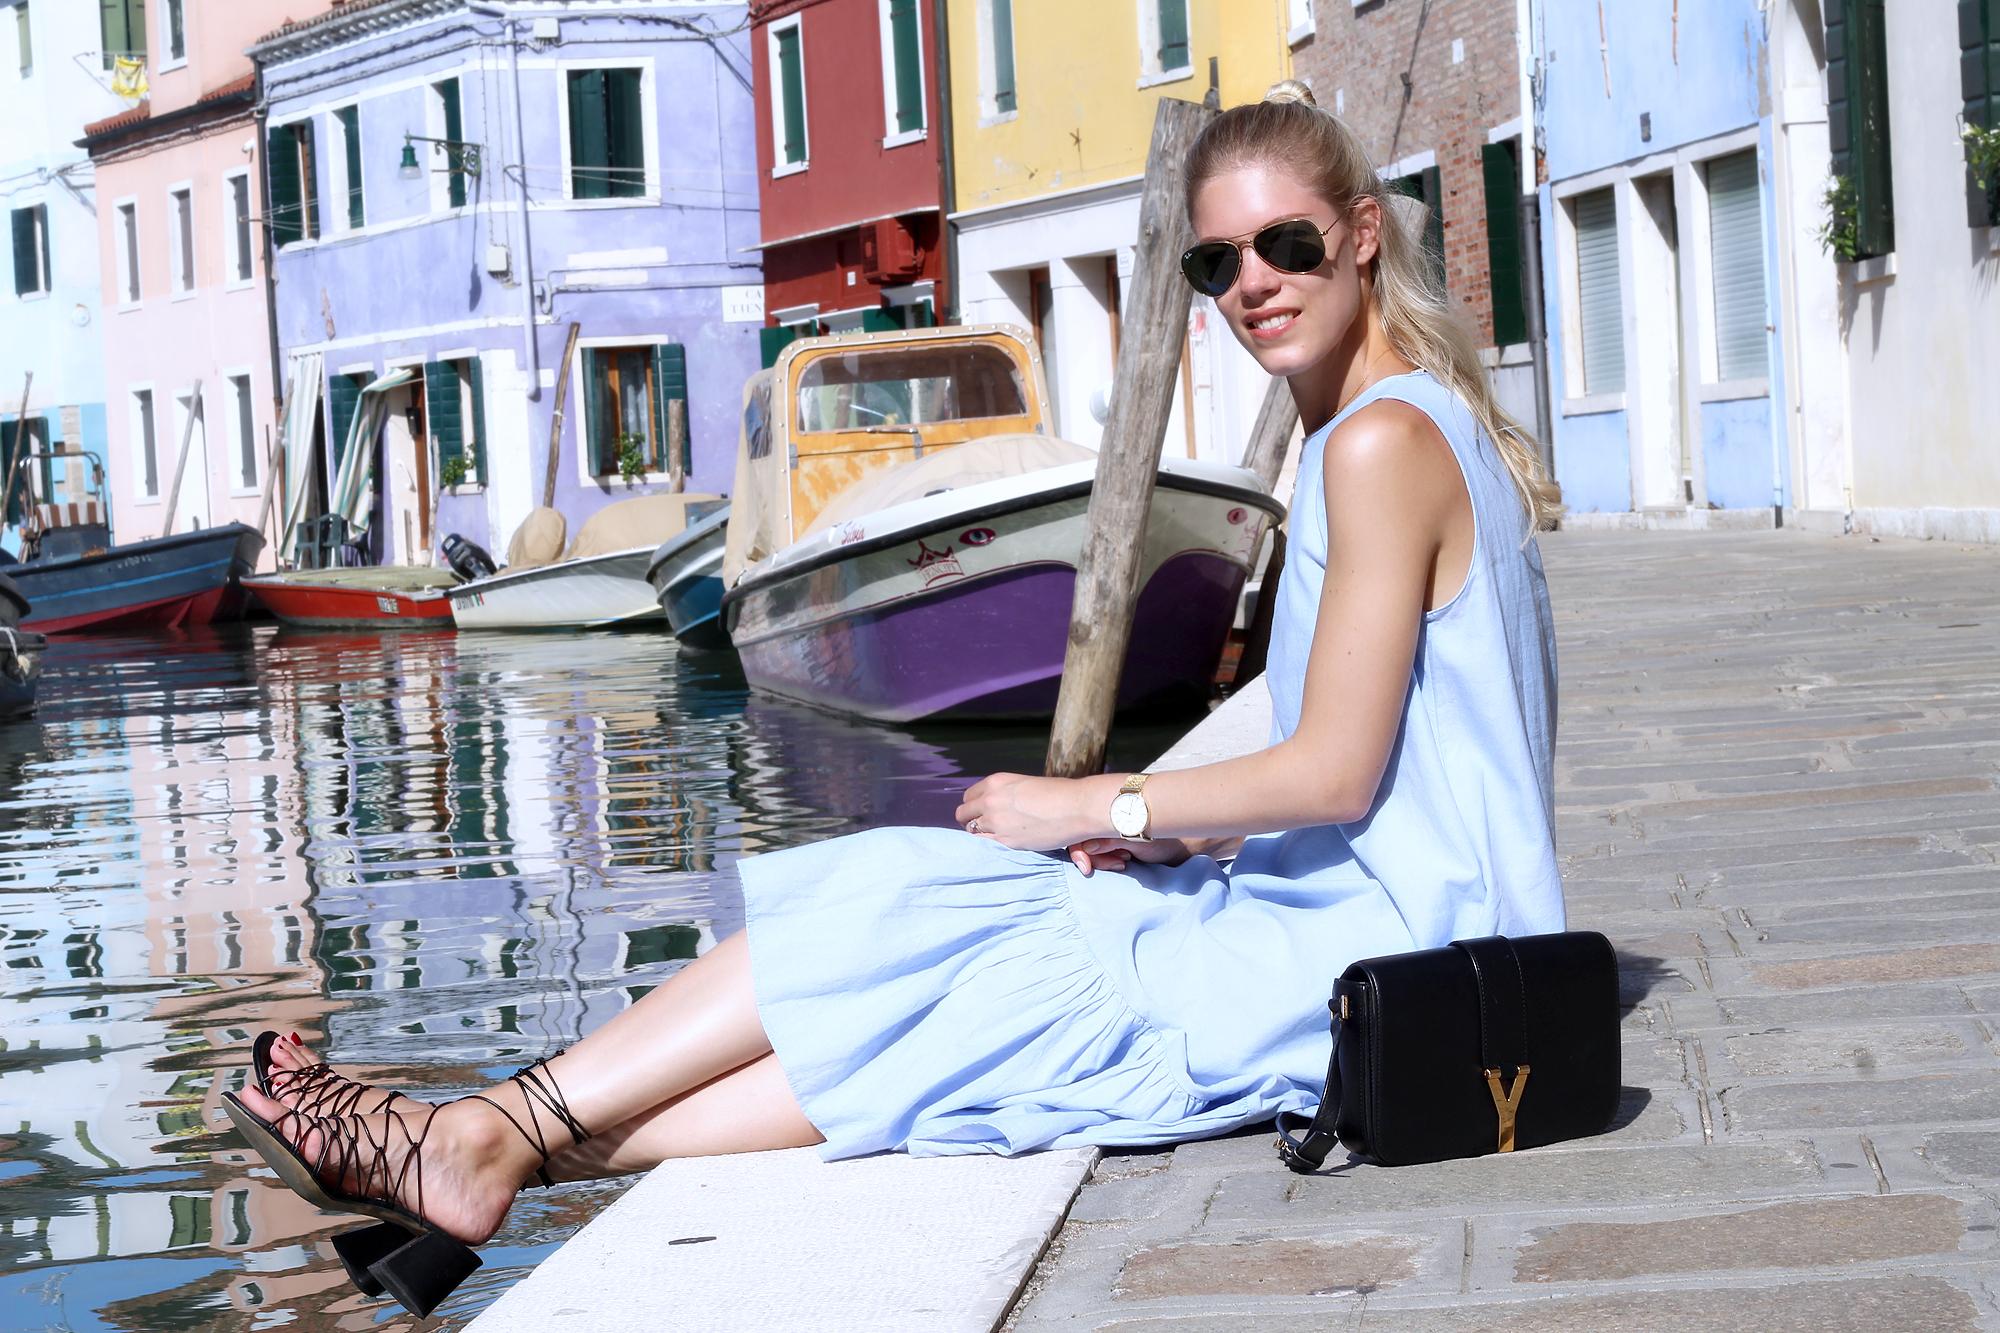 fashionblog_somehappyshoes_burano_italy_globetrotter